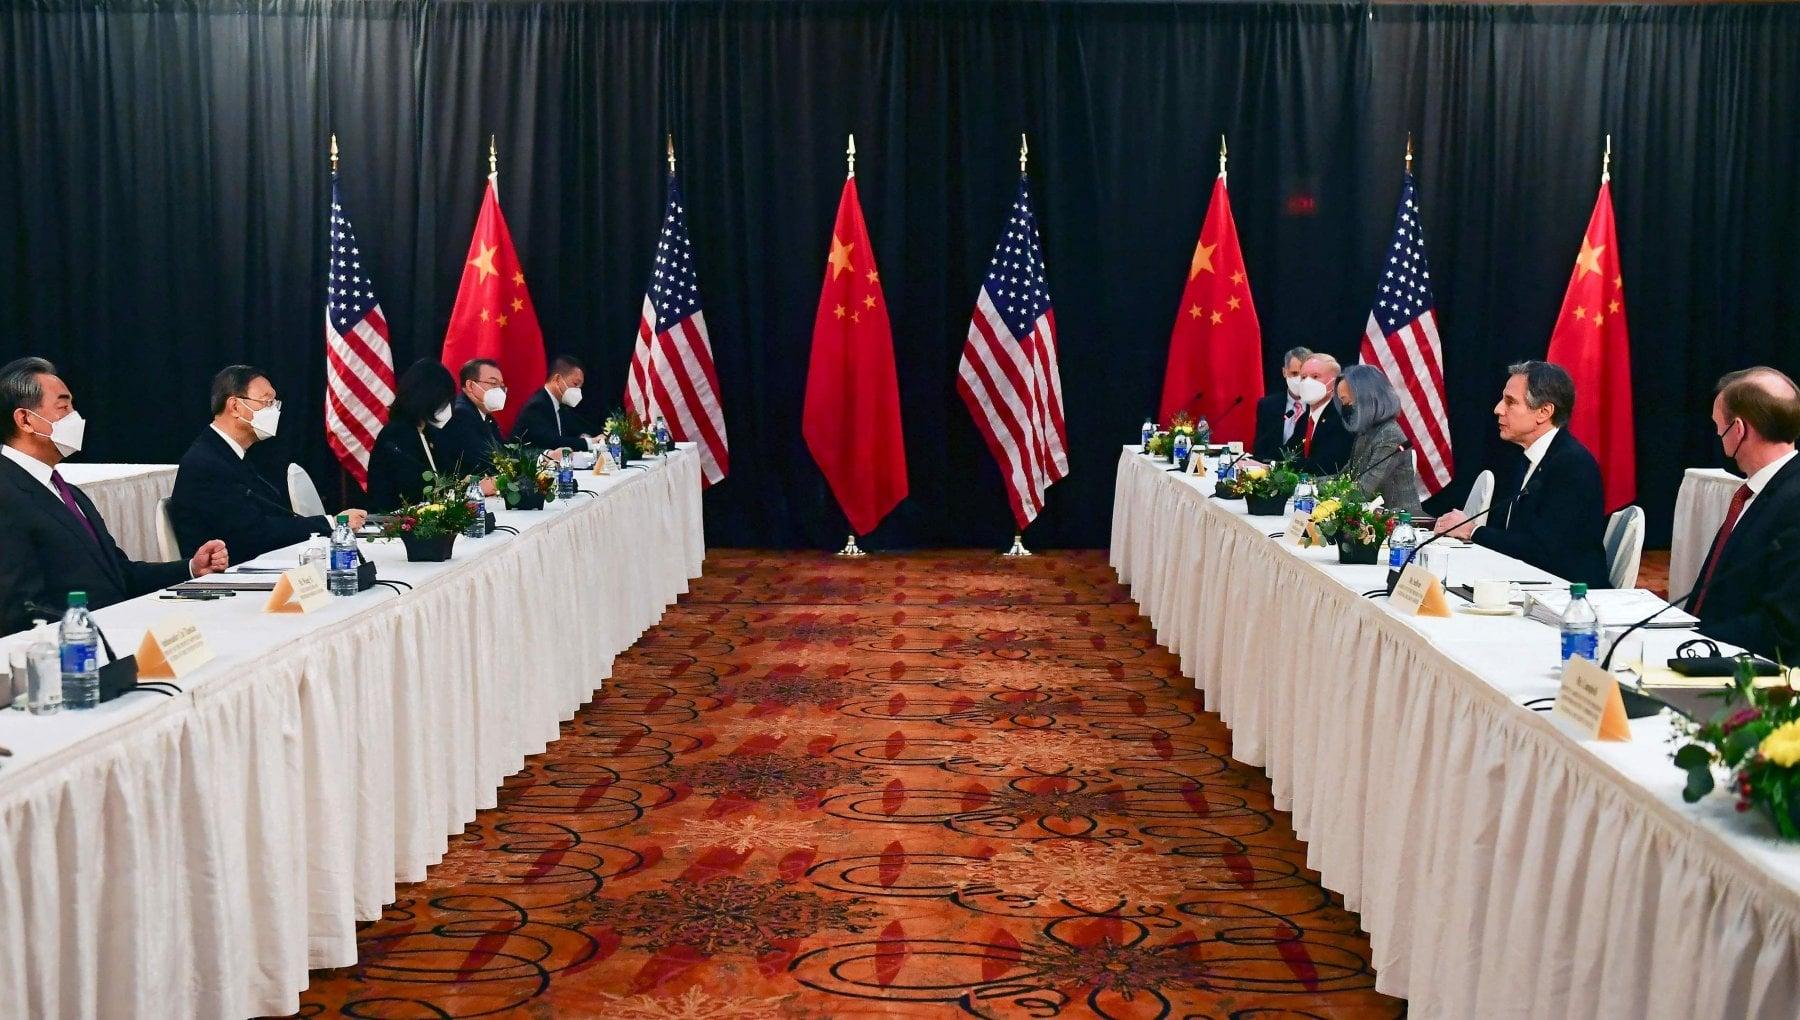 """032150327 e5cad071 4ba0 414d 87d8 698f06f0d06b - Stati Uniti accusano la Cina di demagogia. La replica: """"Gli Usa hanno i loro problemi di diritti umani"""""""